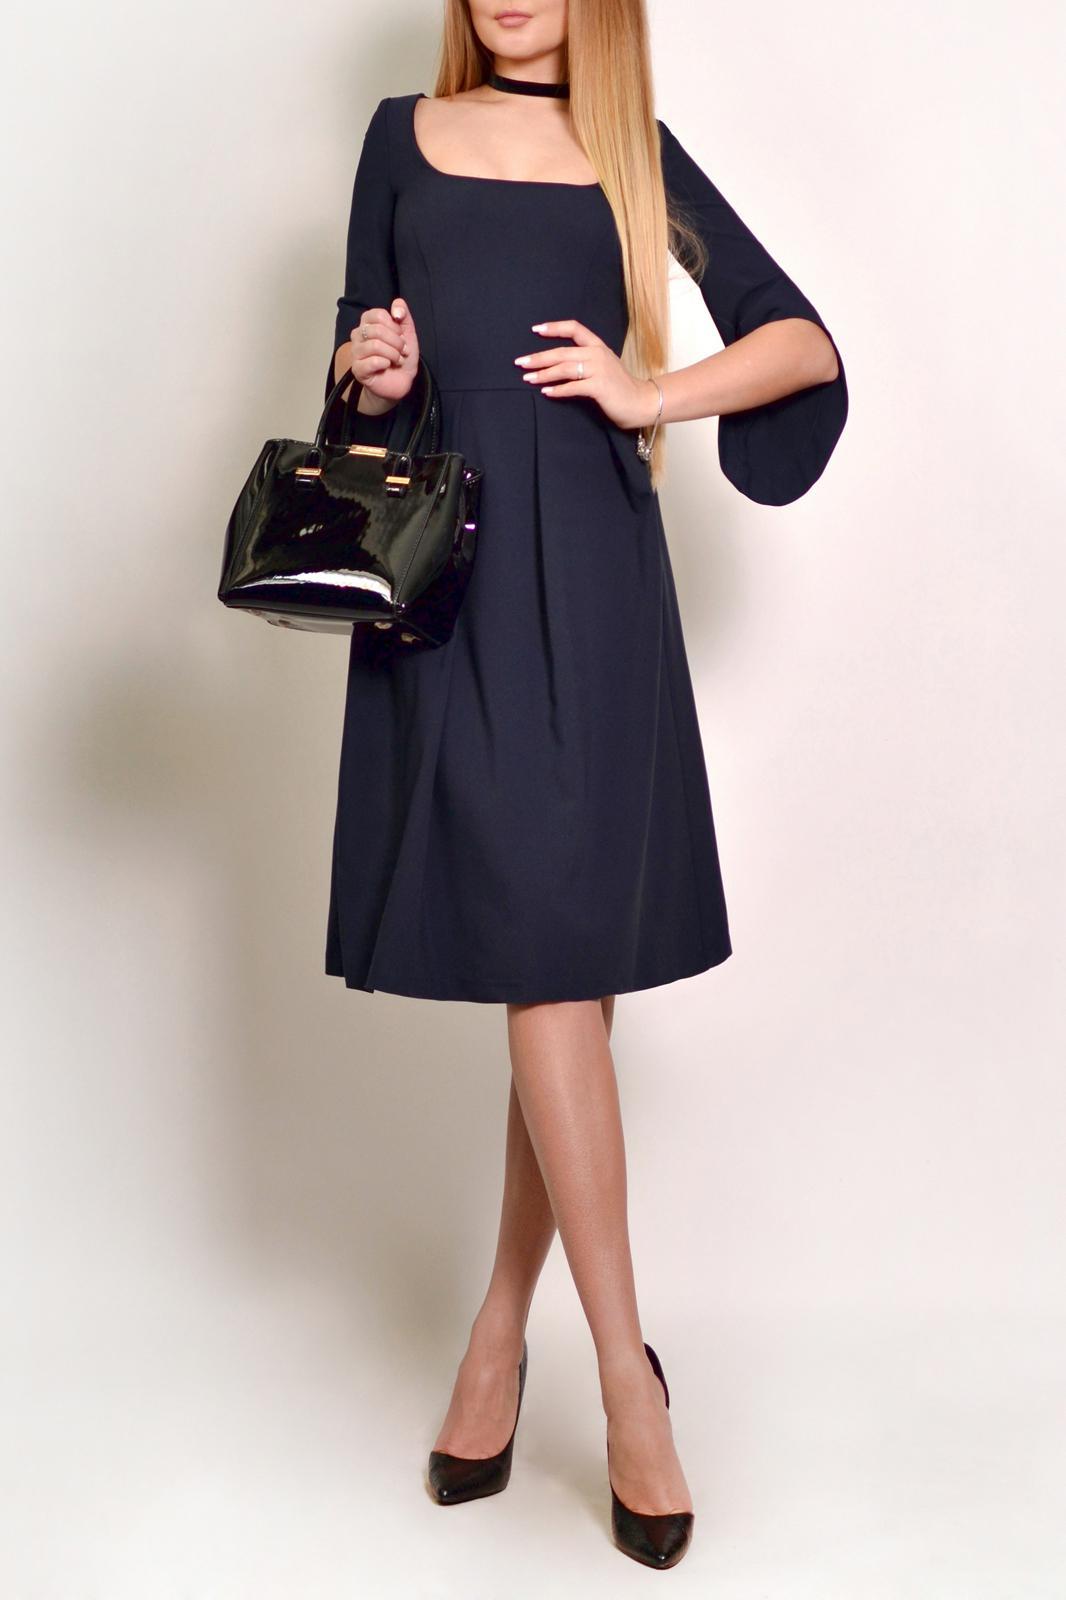 Купить Платье La Cafe By P.ch., ny1246-1 темно-синий, Беларусь